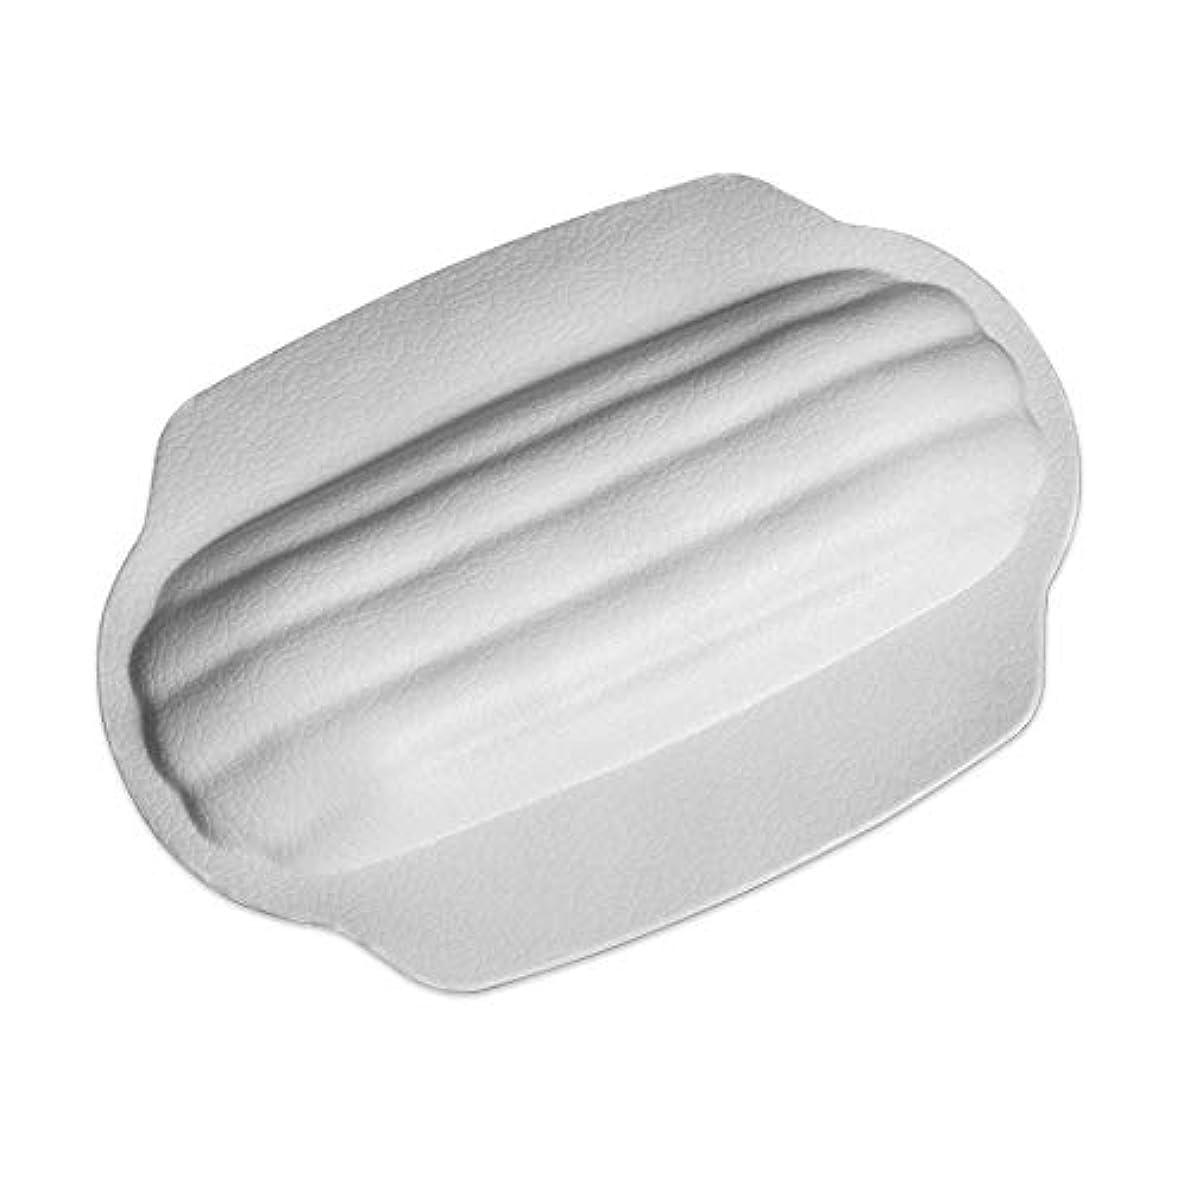 舞い上がる素敵な懲戒サクションカップ付き防水滑り止めスパ枕厚めユニバーサルバスタブ枕バスタブと抗菌性